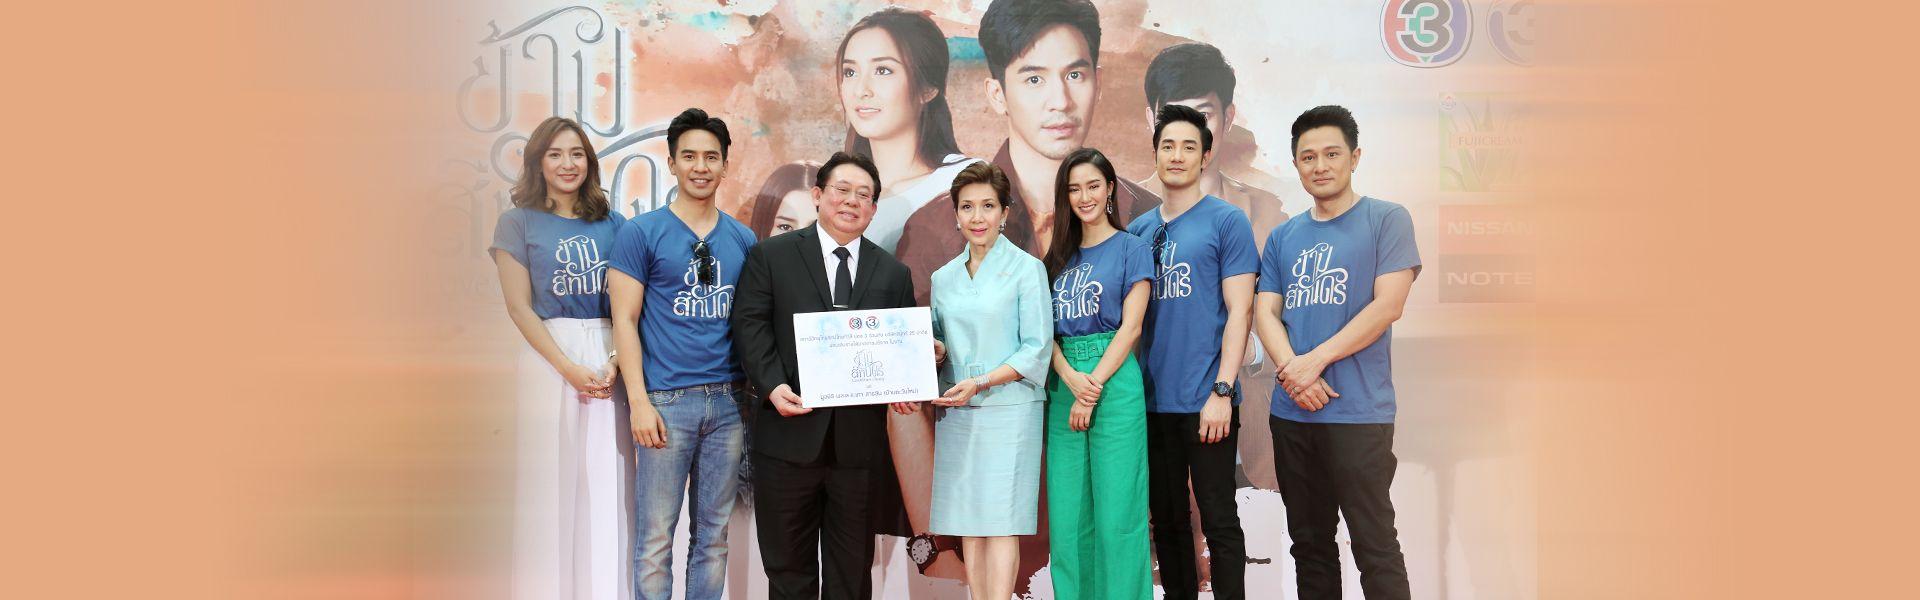 โป๊ป-ชิปปี้ นำทีมนักแสดง จัดกิจกรรมการกุศล ข้ามสีทันดร LOVE&SHARE CHARITY